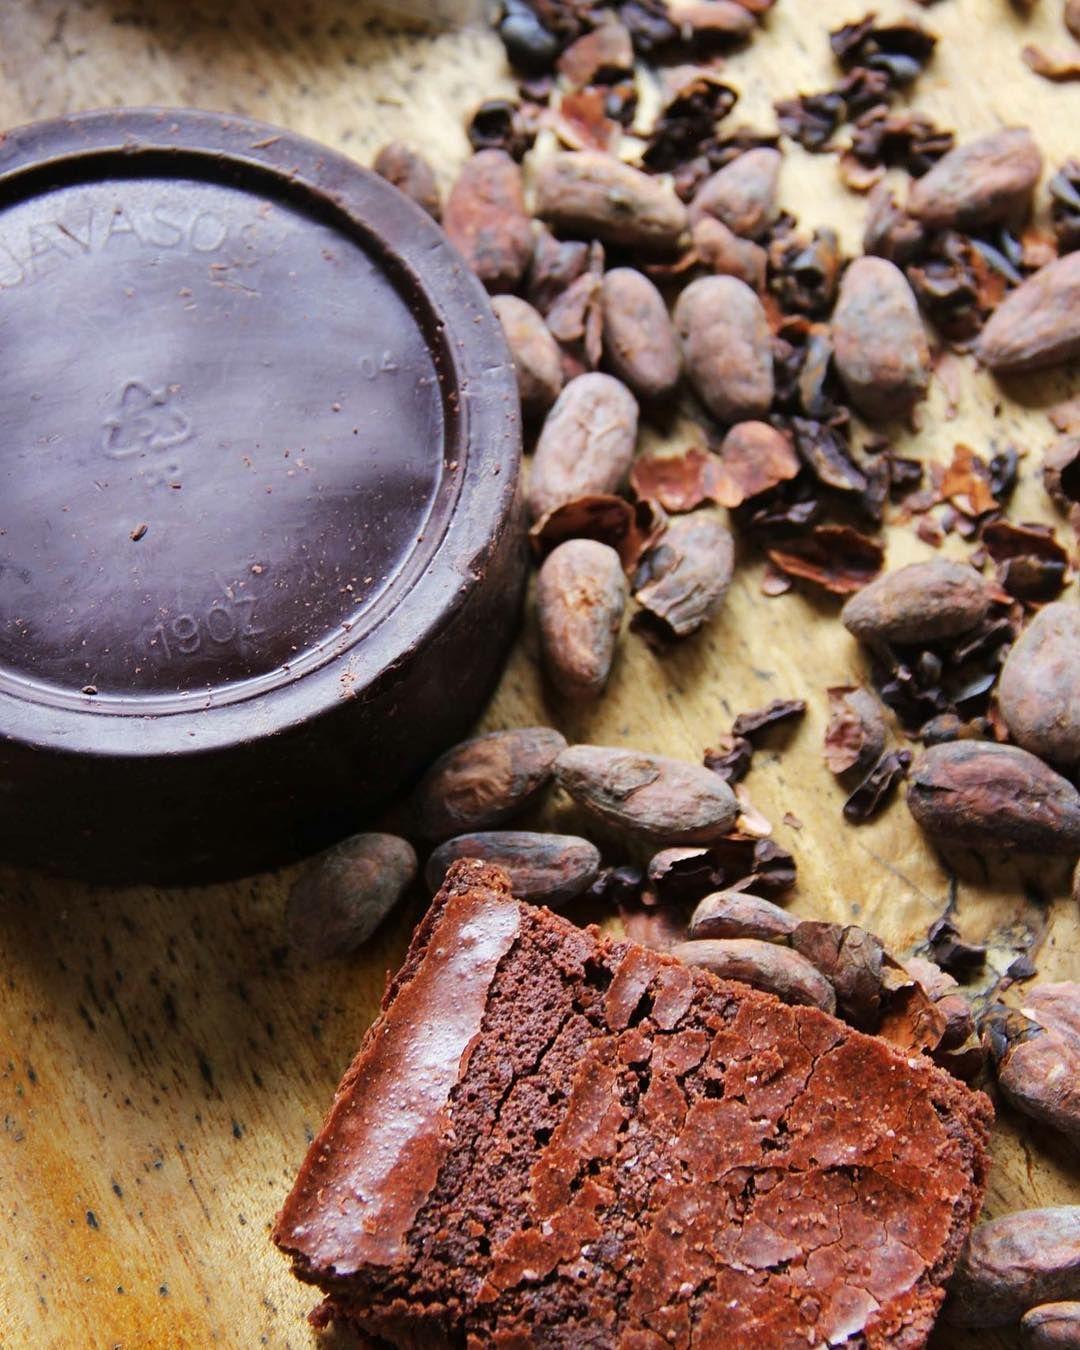 Definitivamente Una De Nuestras Estrellas Es Nuestro Brownie No Solo Es Hecho Con Un Cacao De La Mejor Calidad Sino Con Una Receta Que Hace Que Tenga Un Potent